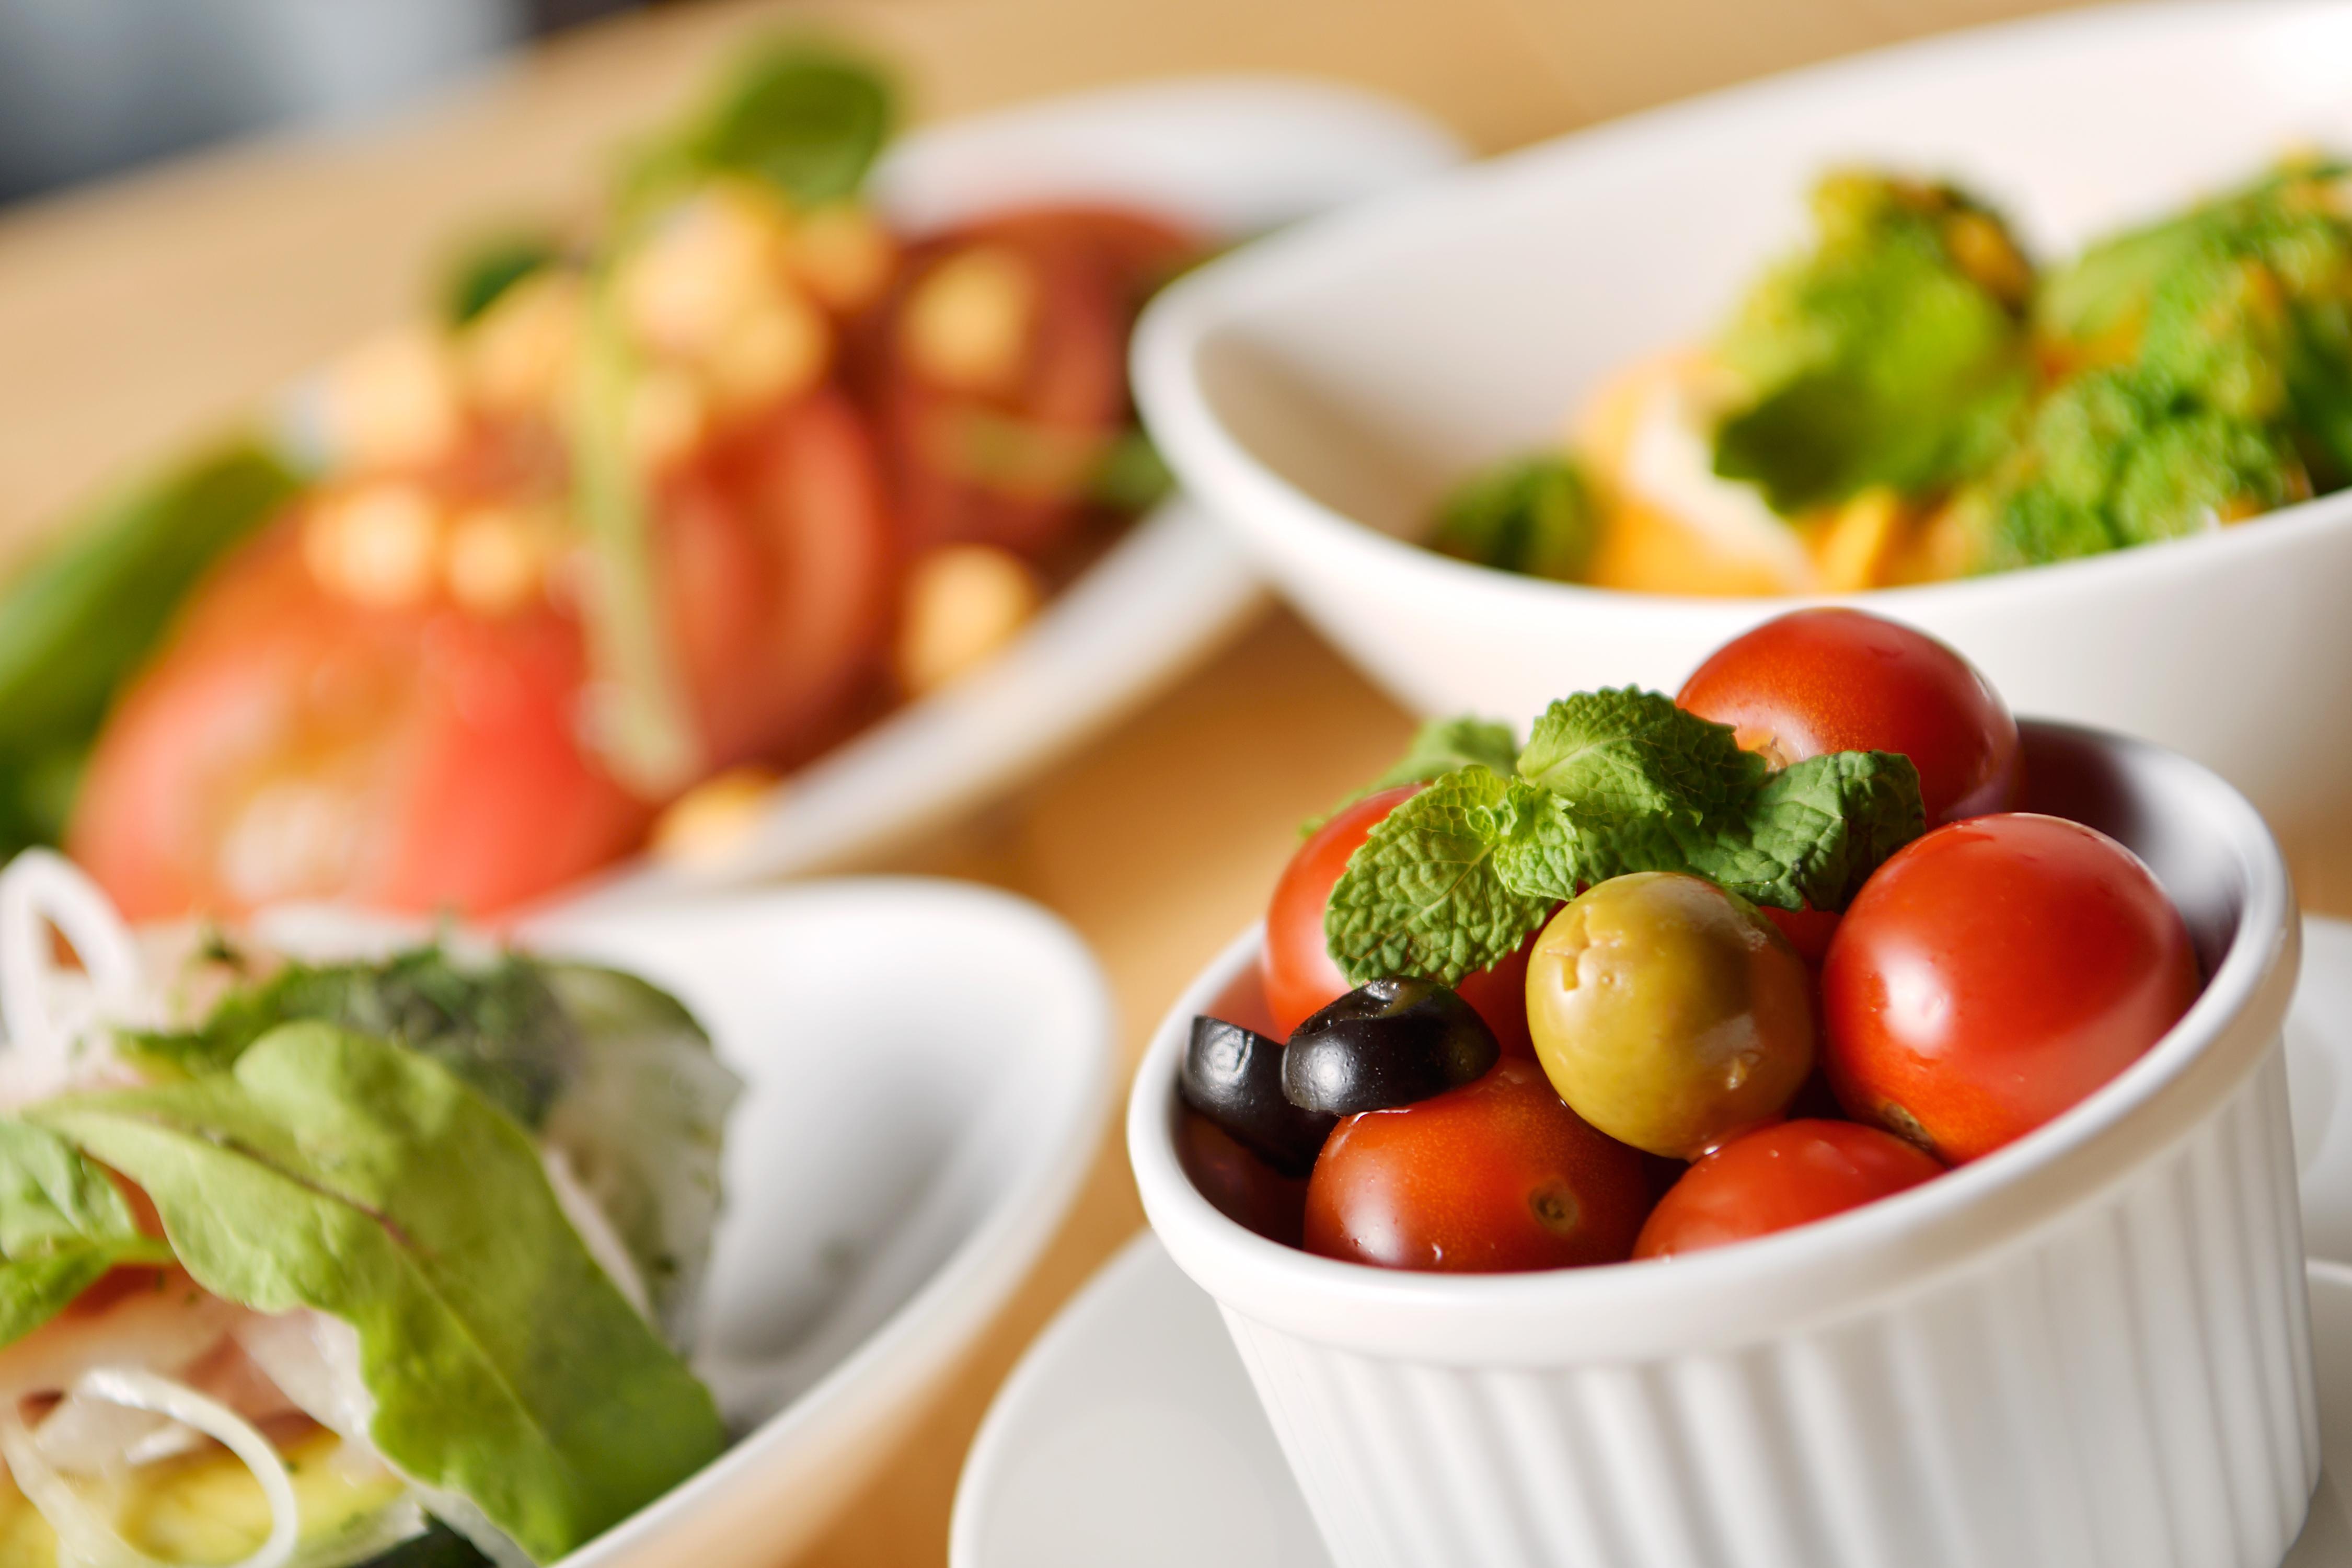 カラダが喜ぶ野菜料理